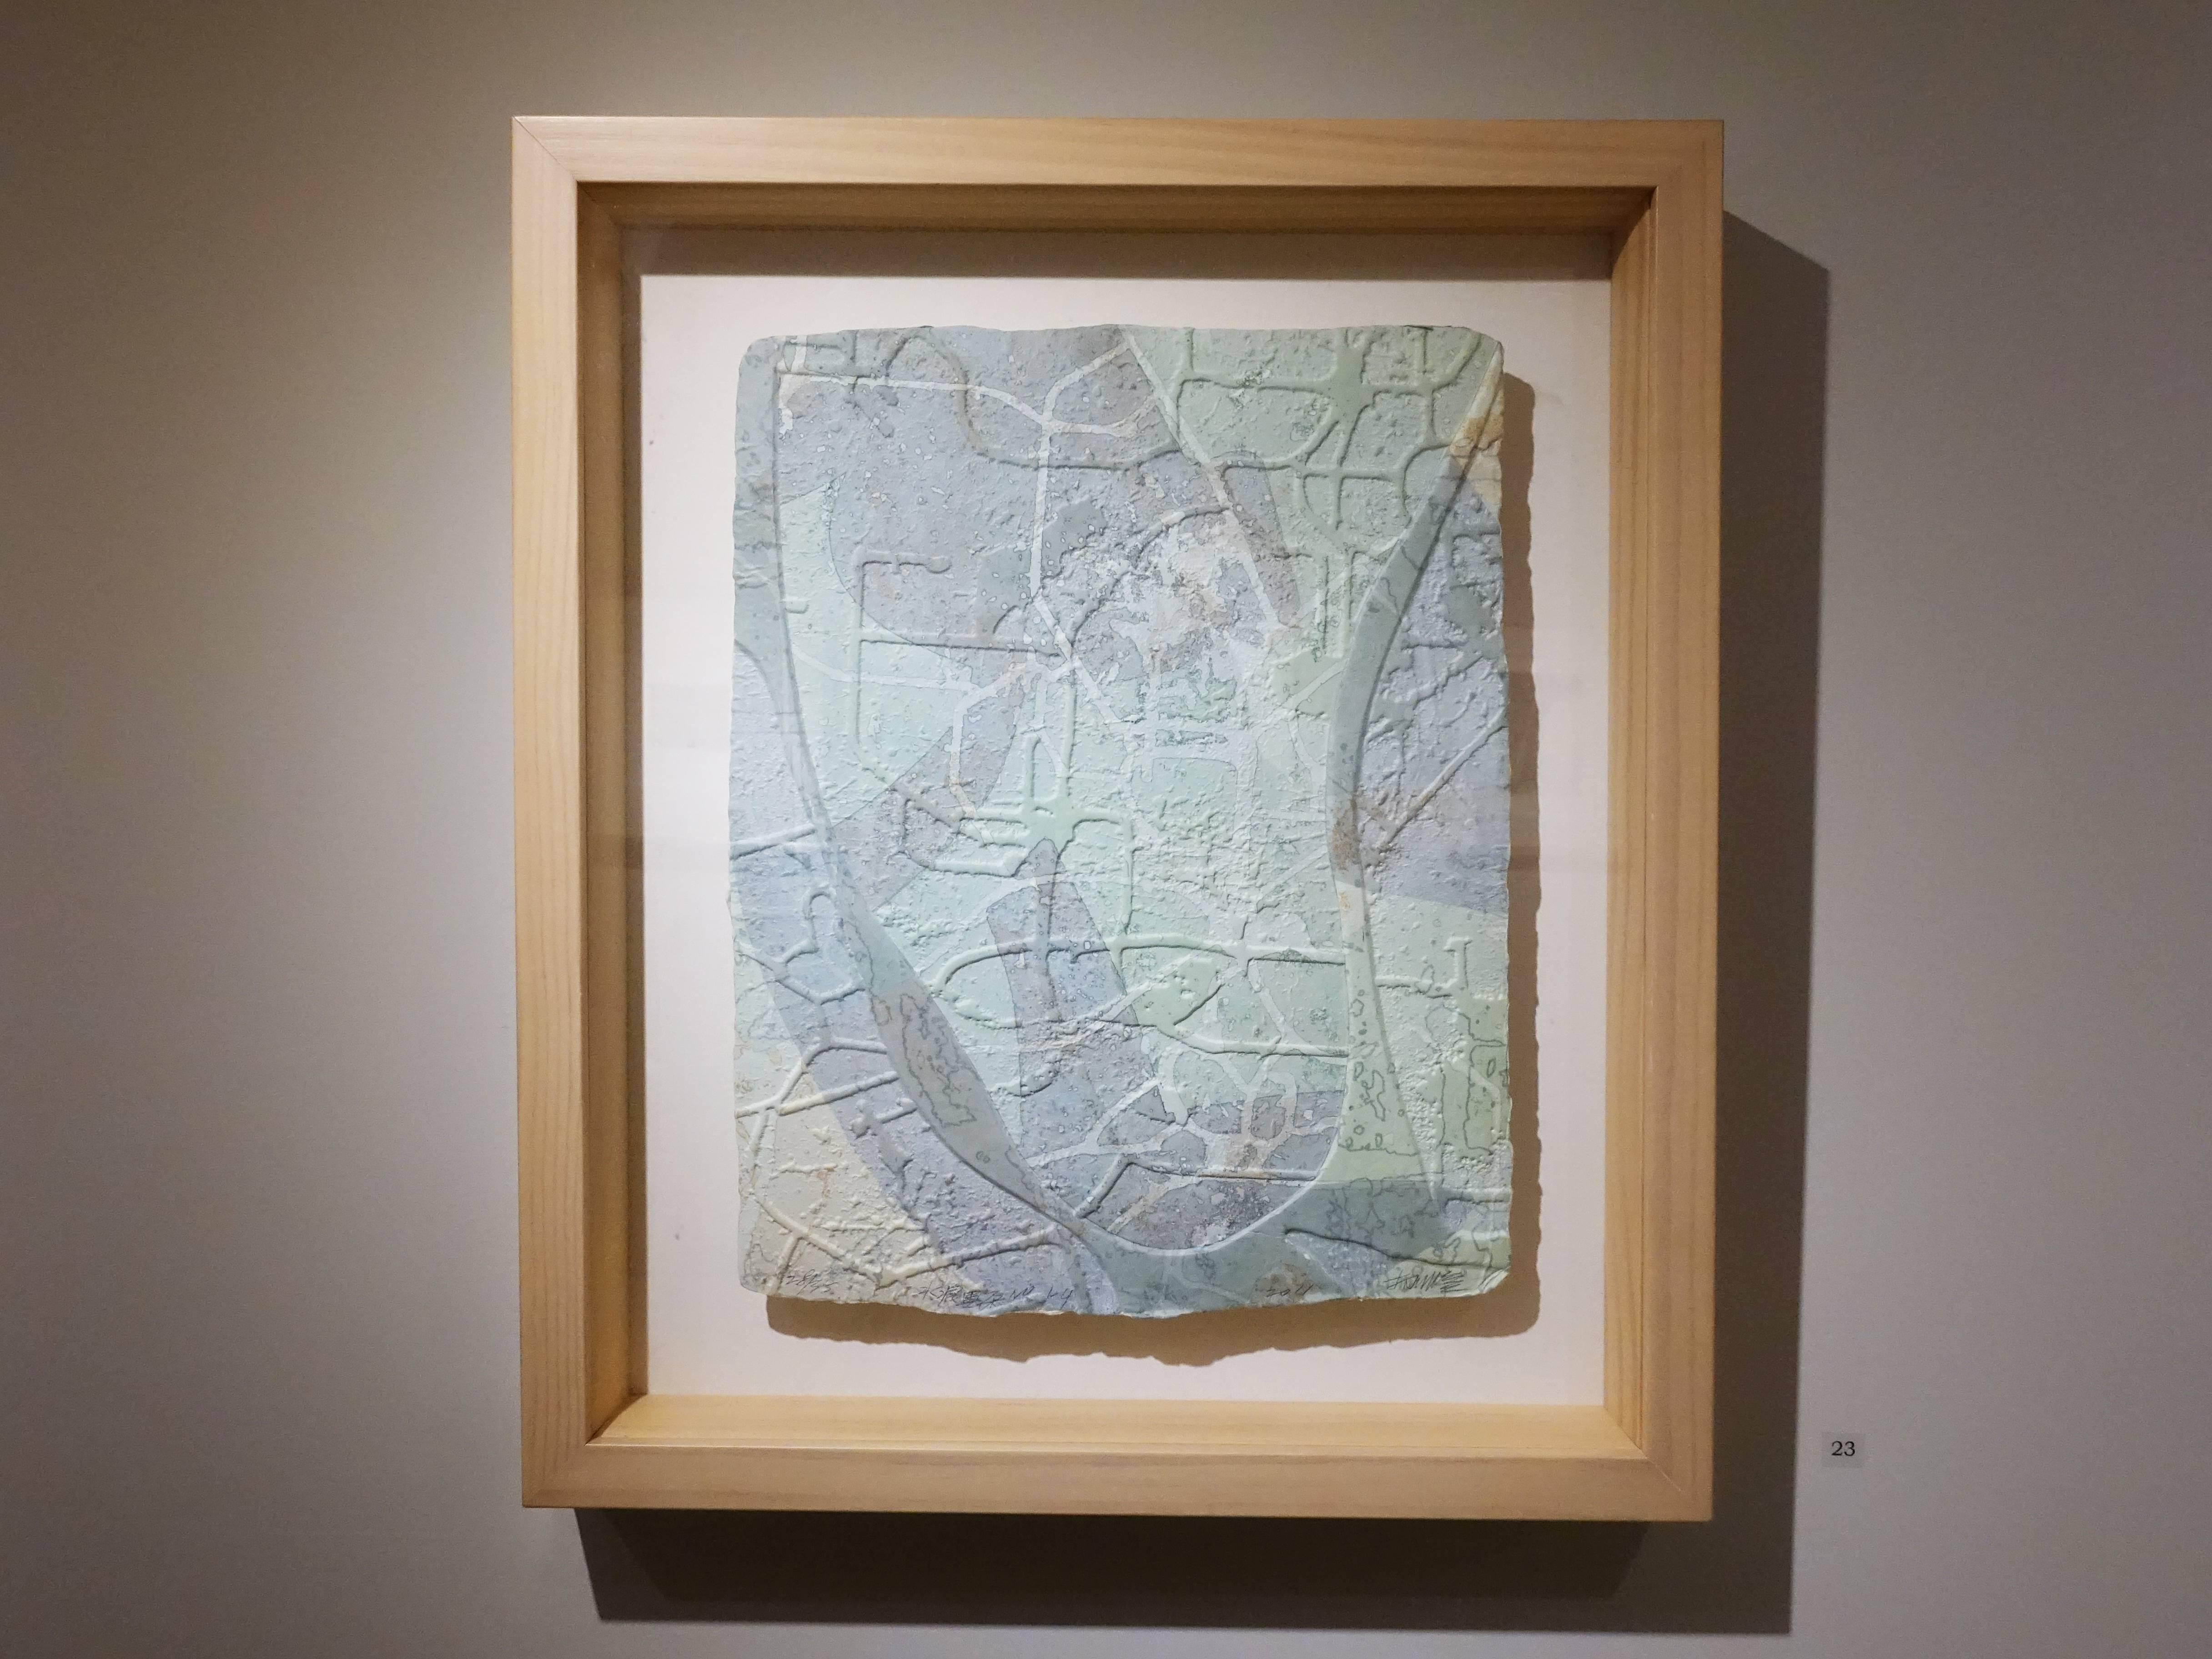 楊明迭,《水痕雲朵NO.1-4》,32.5 x 25.5 cm,28/35,併用版,2011。